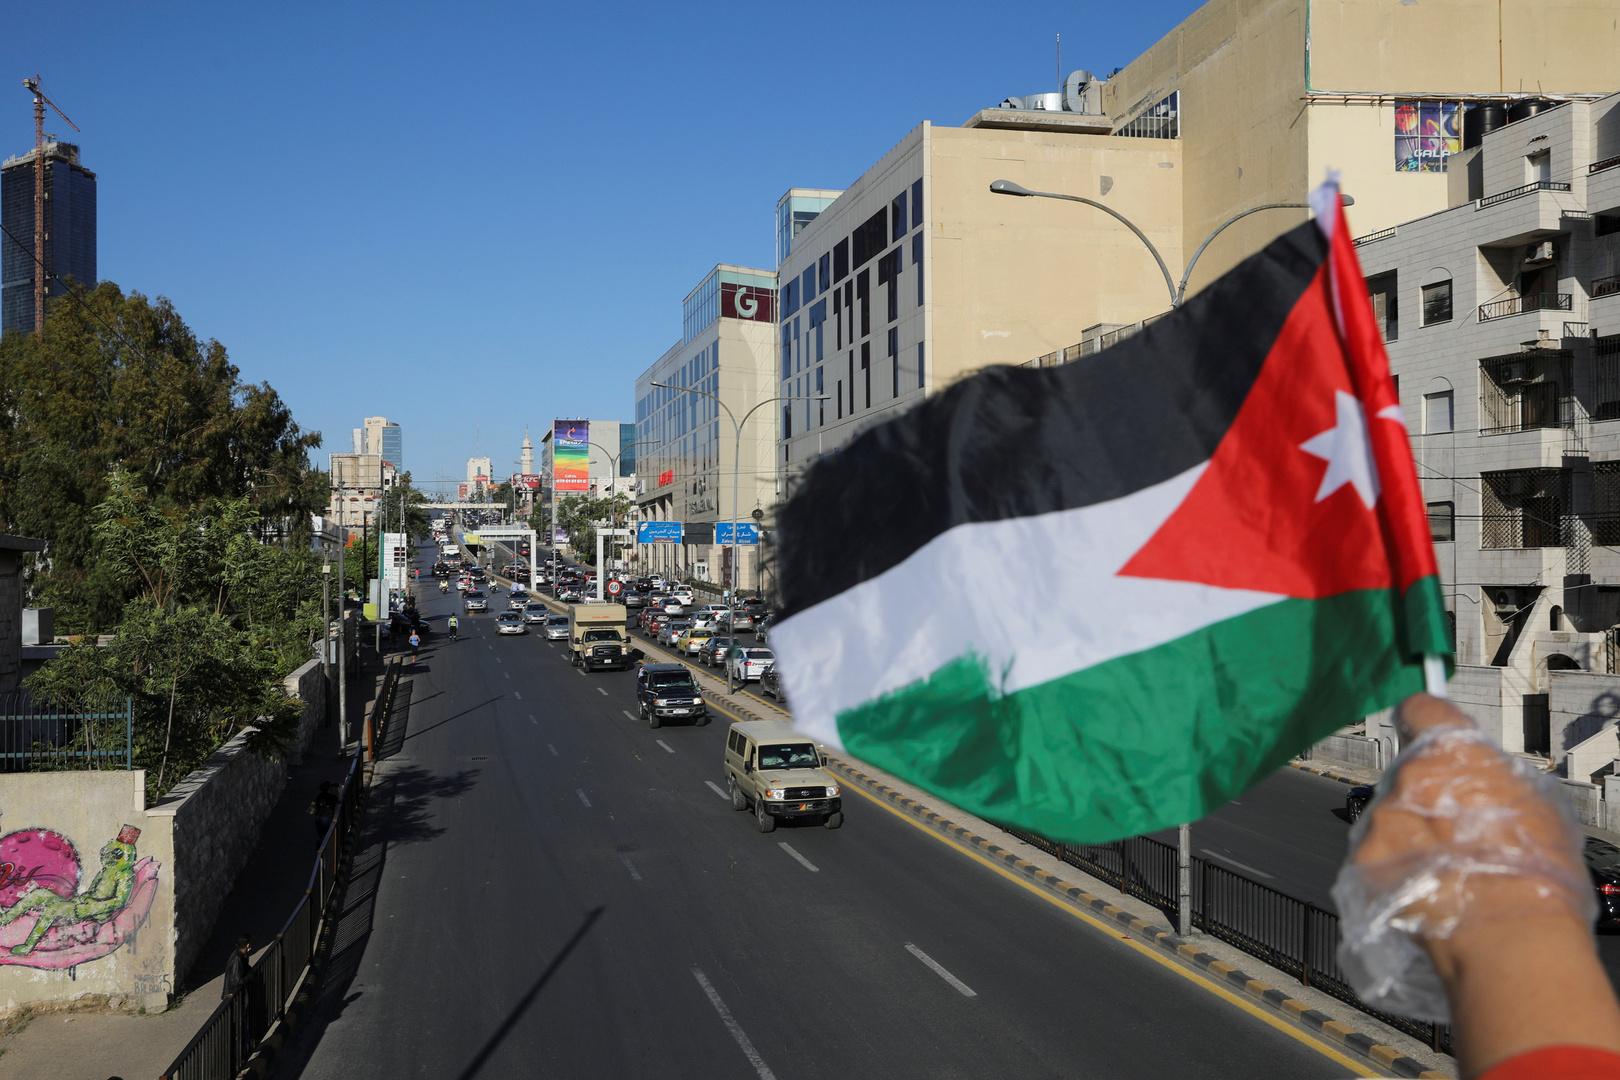 الداخلية الأردنية: وصلنا لمرحلة التعافي من كورونا